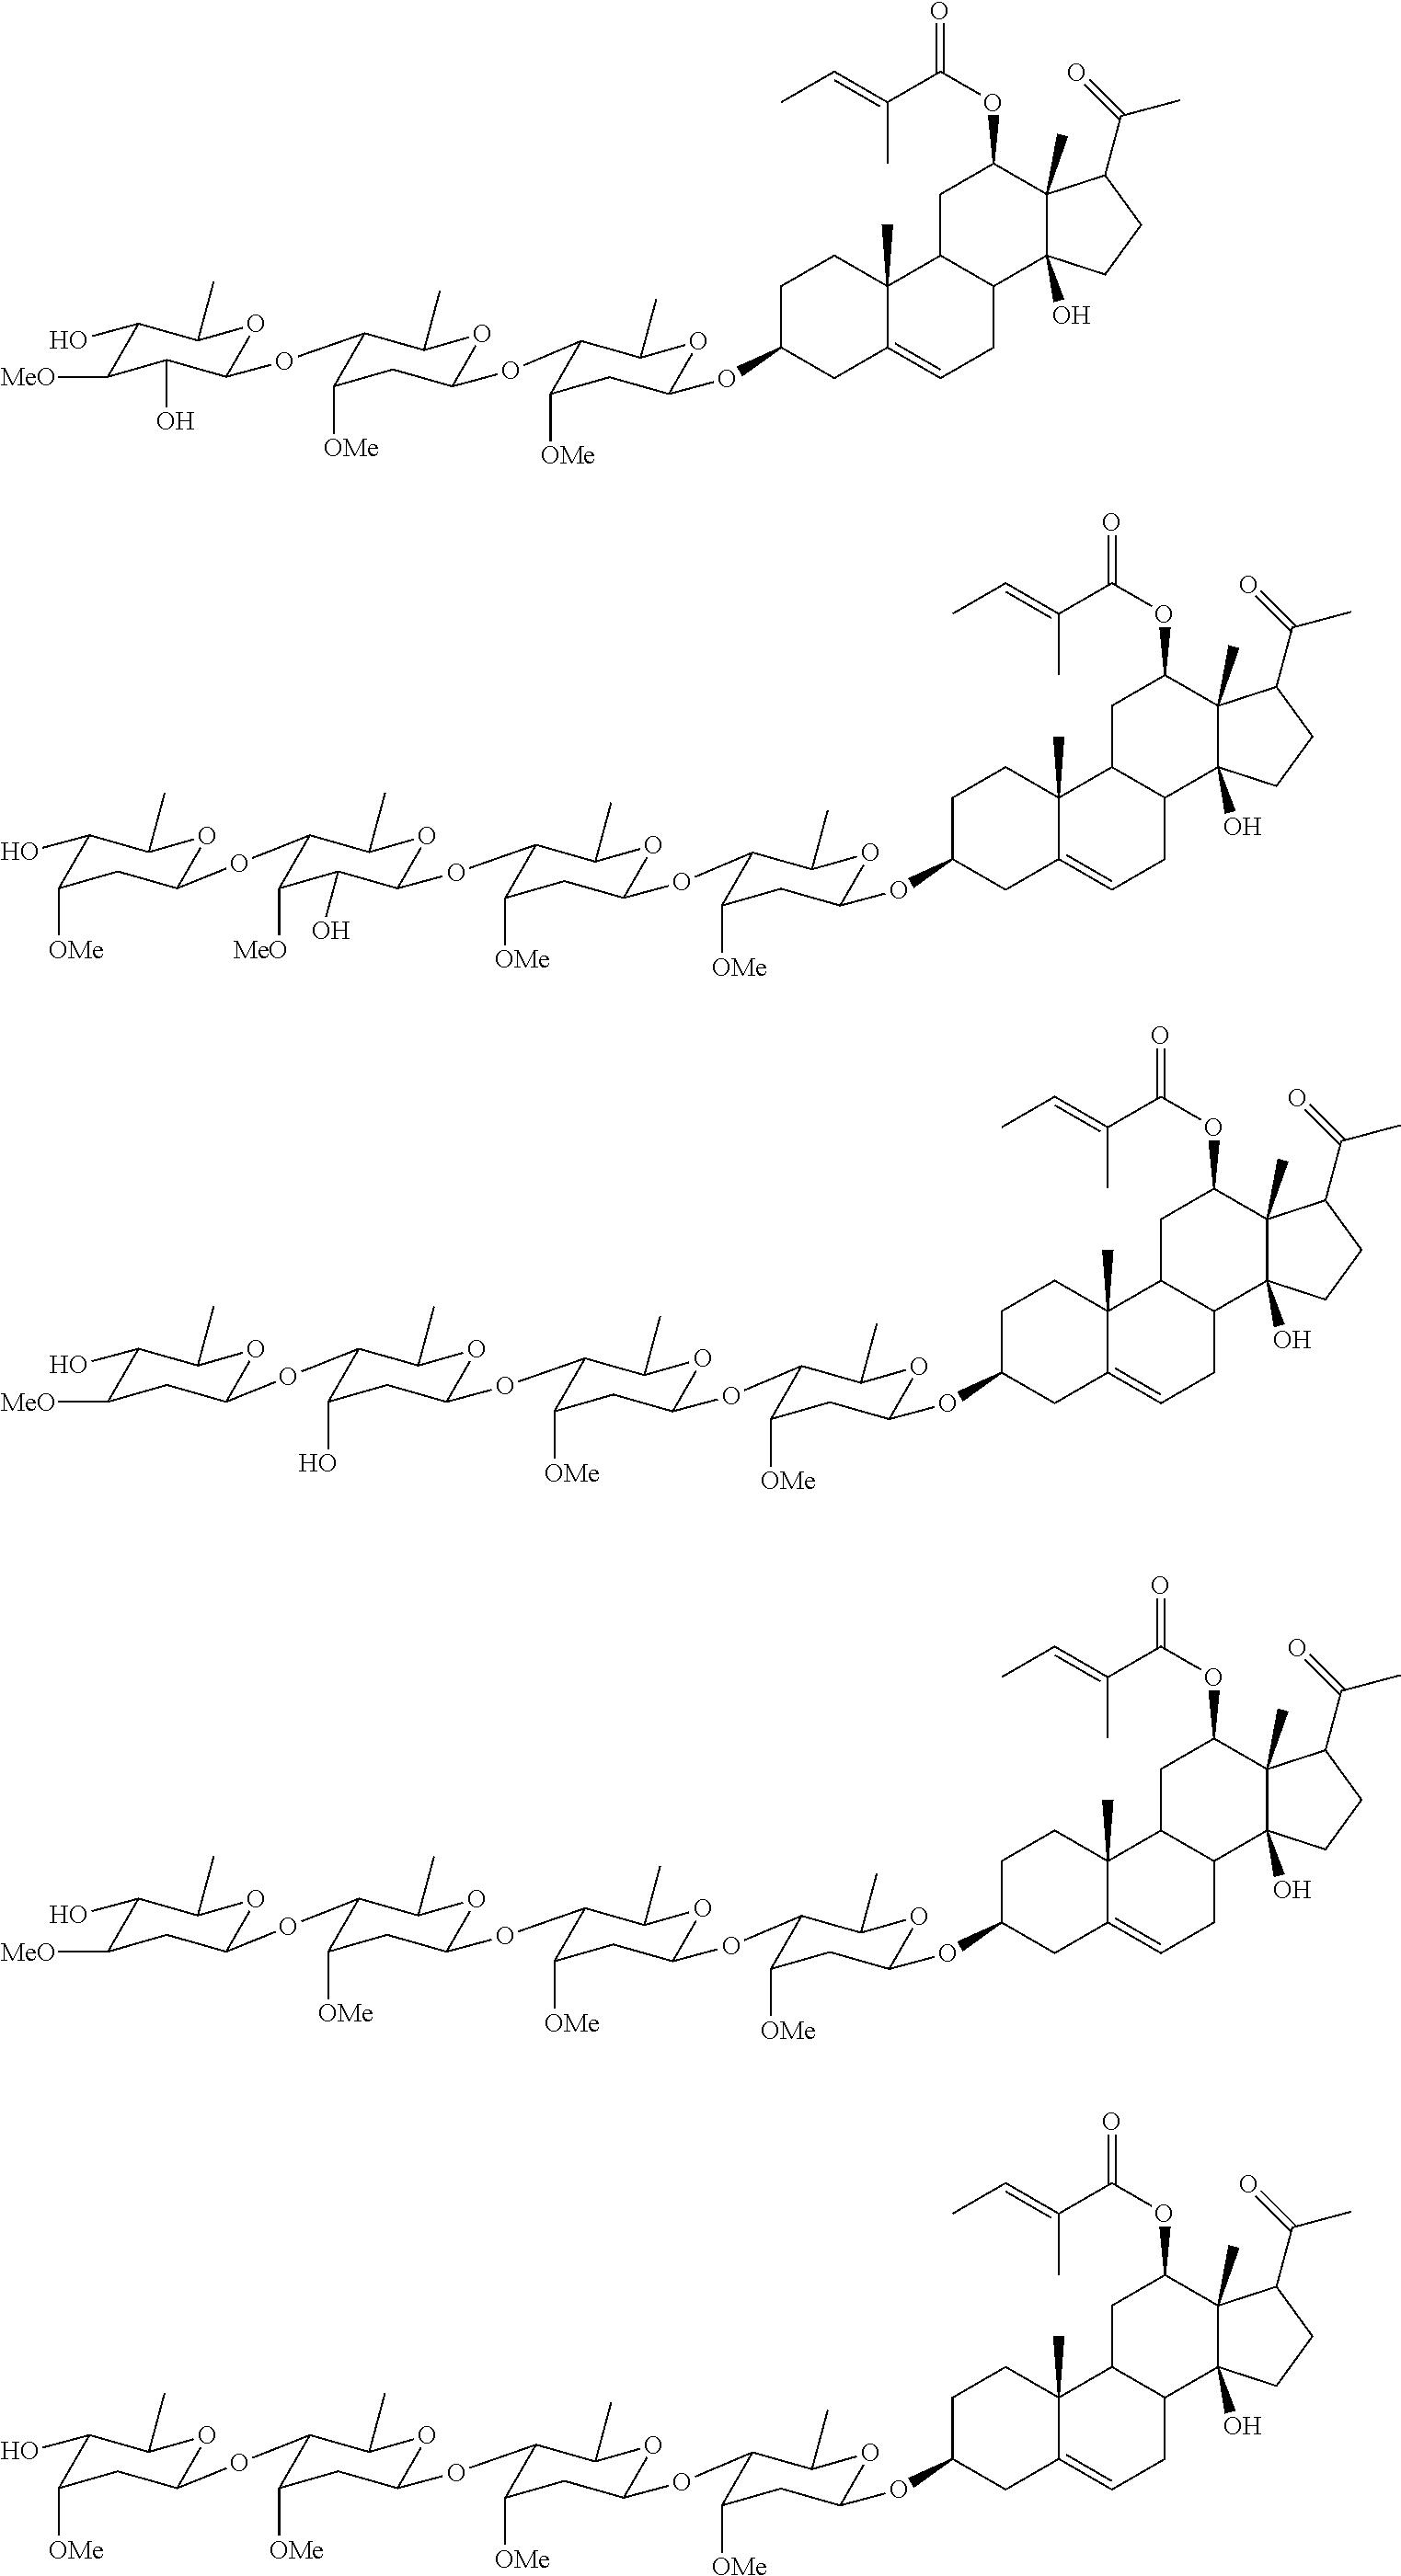 Figure US09962344-20180508-C00040